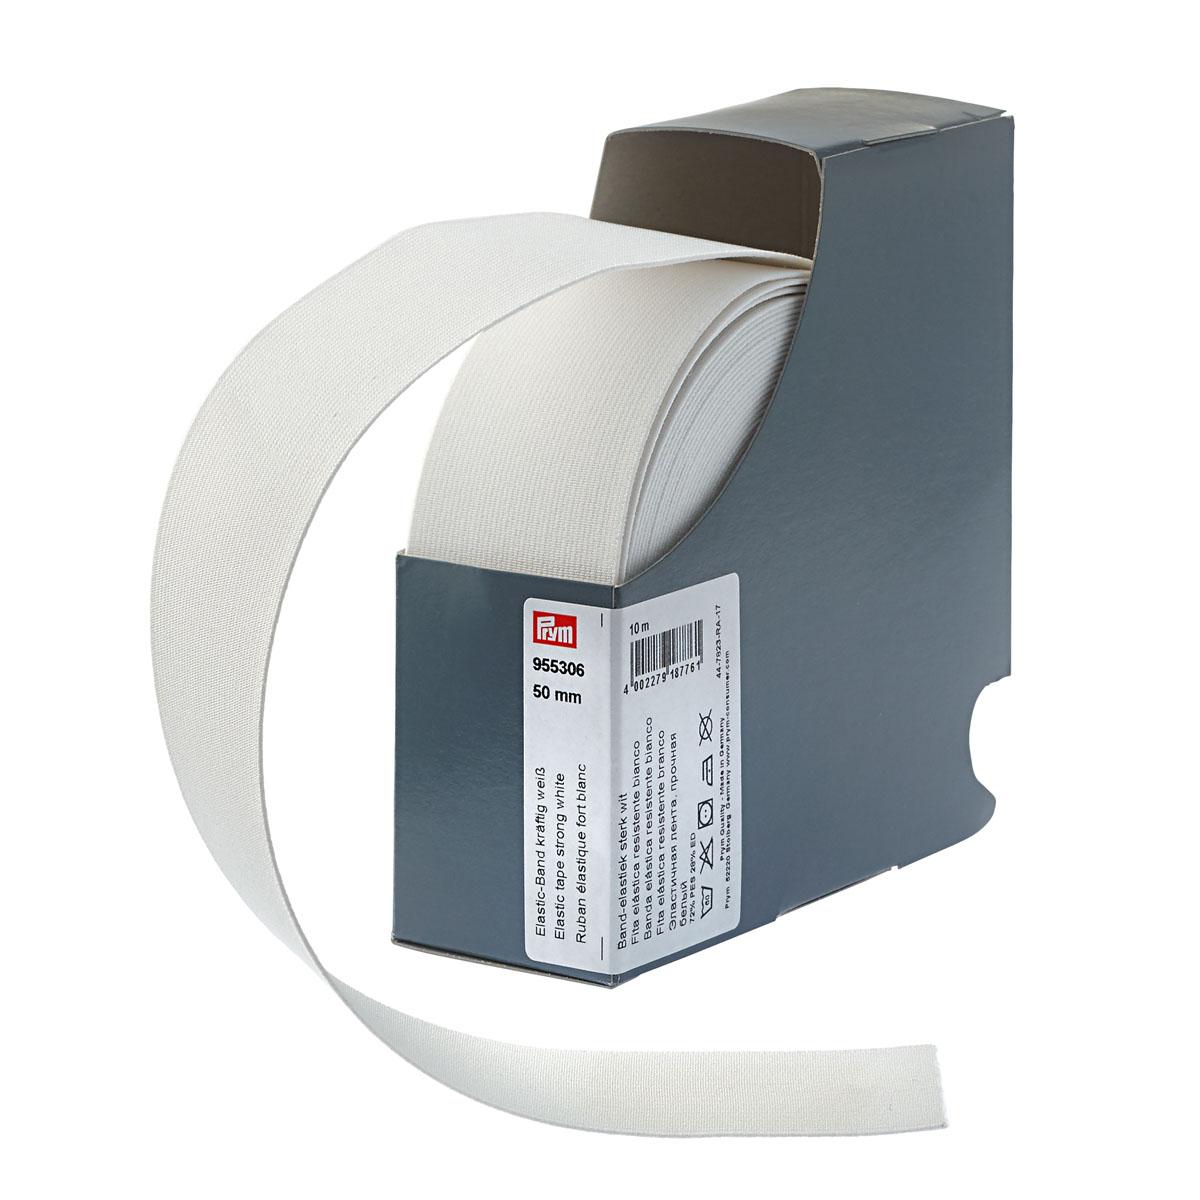 955306 Прочная эластичная лента 50 мм белый цв. Prym